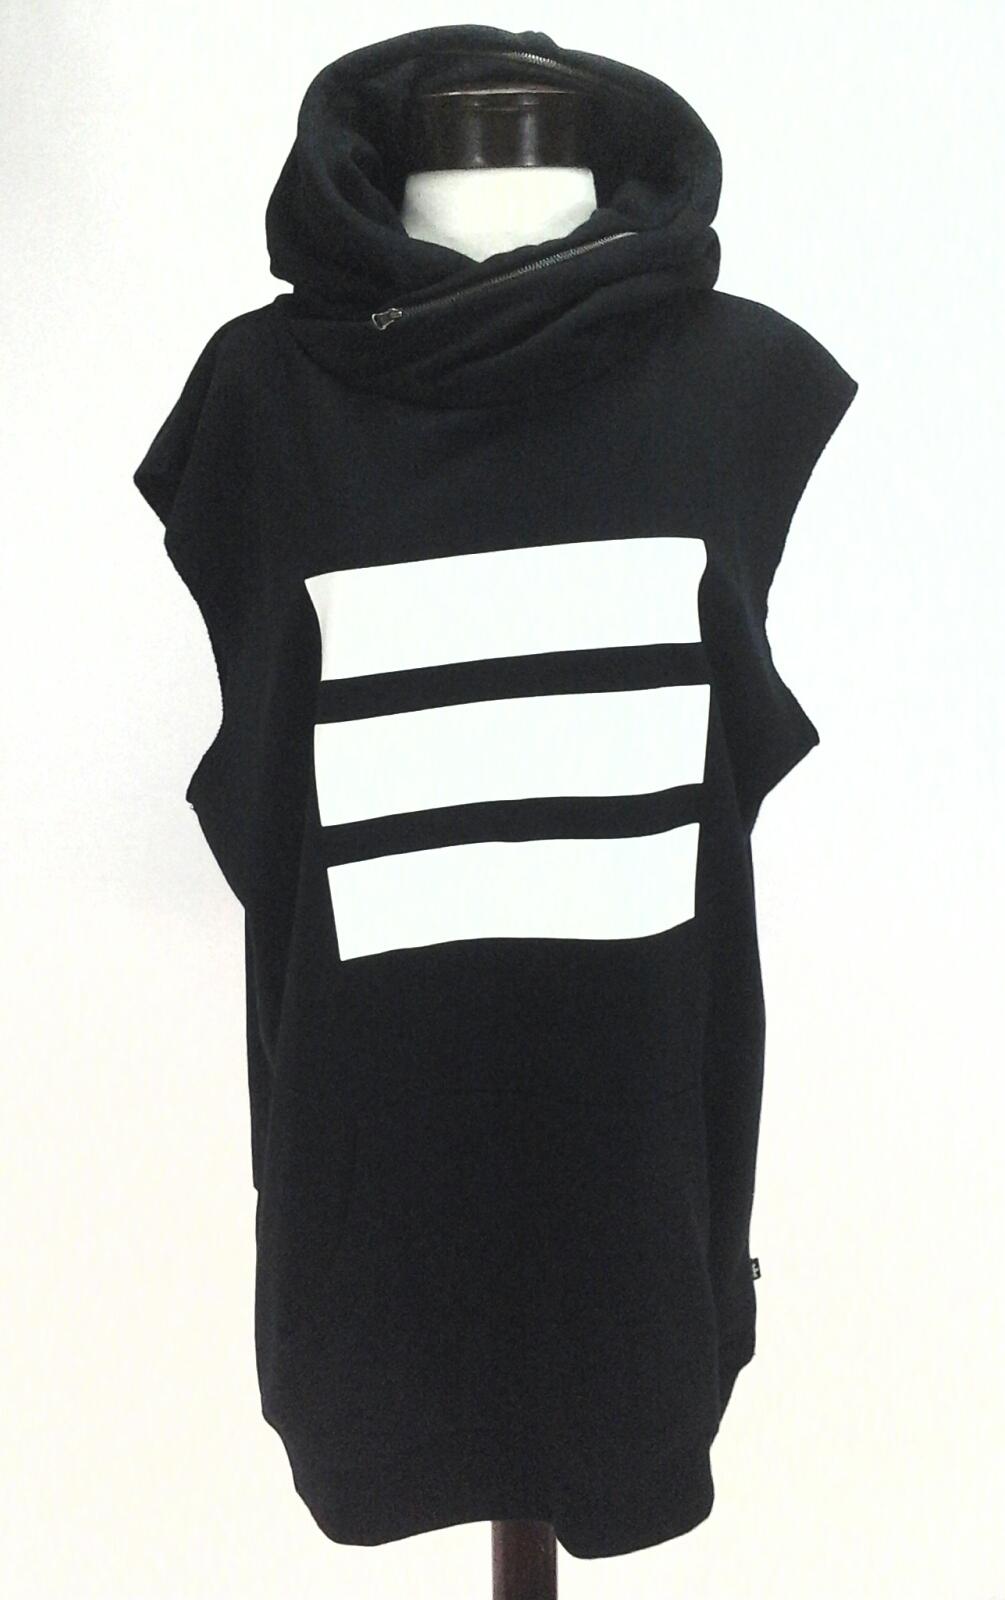 5fa57aaaab600 Black And White Striped Sweatshirts - BCD Tofu House